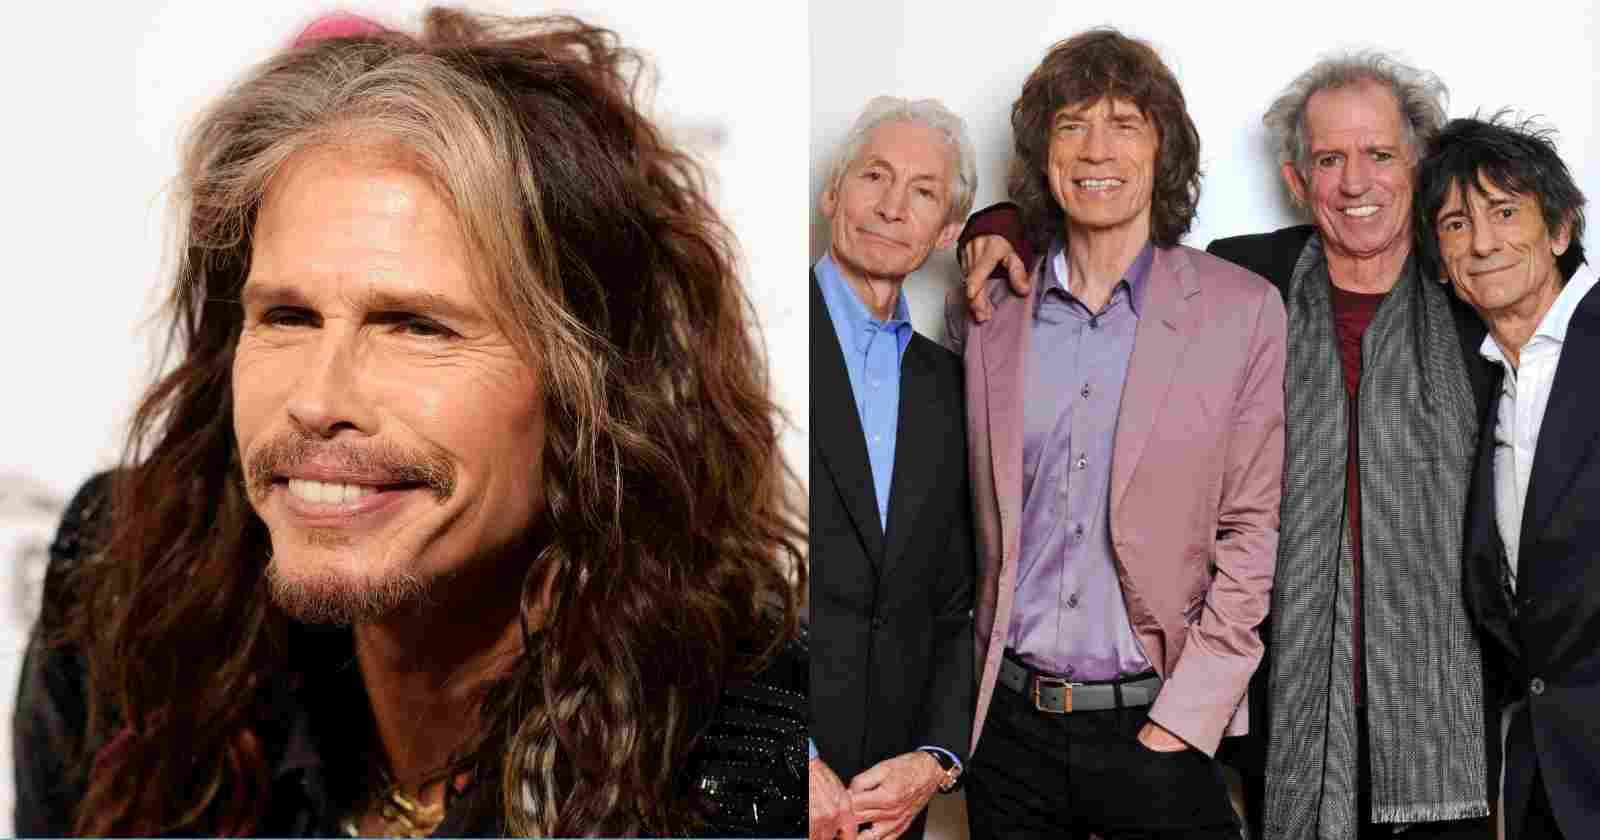 Steven Tyler Rolling Stones